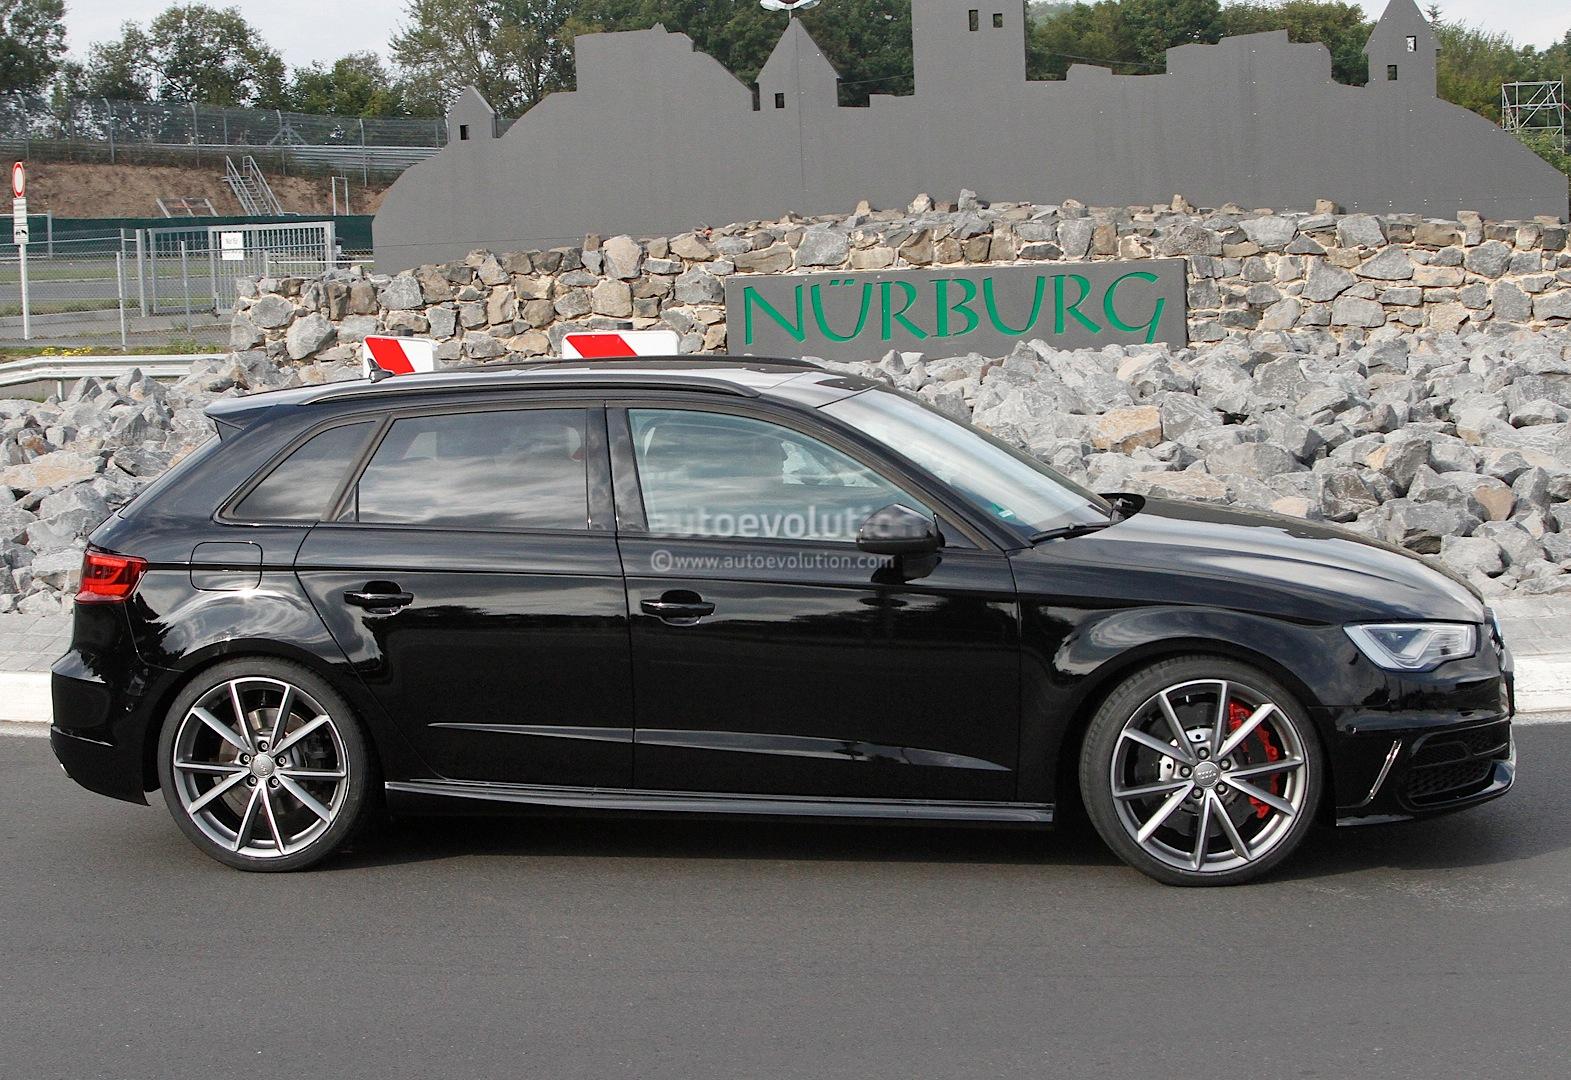 S0-La-future-Audi-RS3-surprise-aux-abords-du-Ring-304607